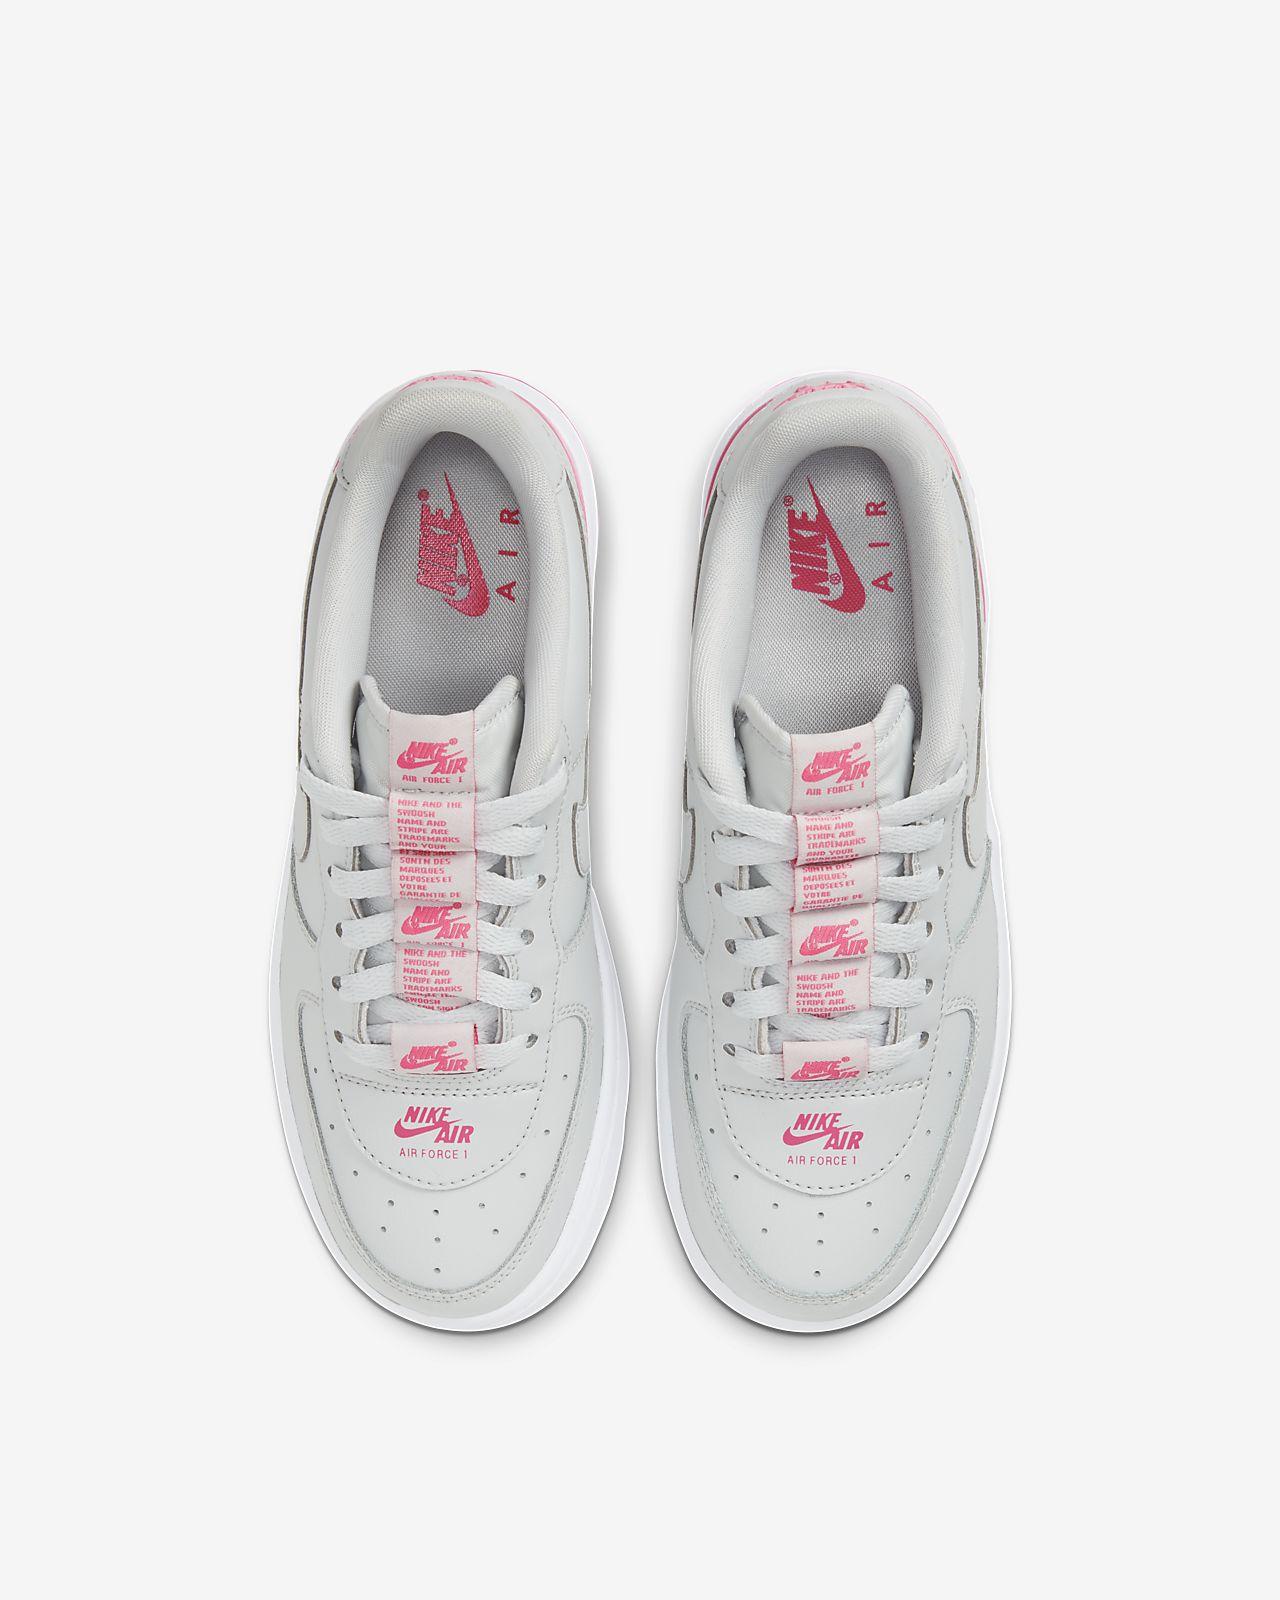 Nike Air Force 1 LV8 3 sko til store barn